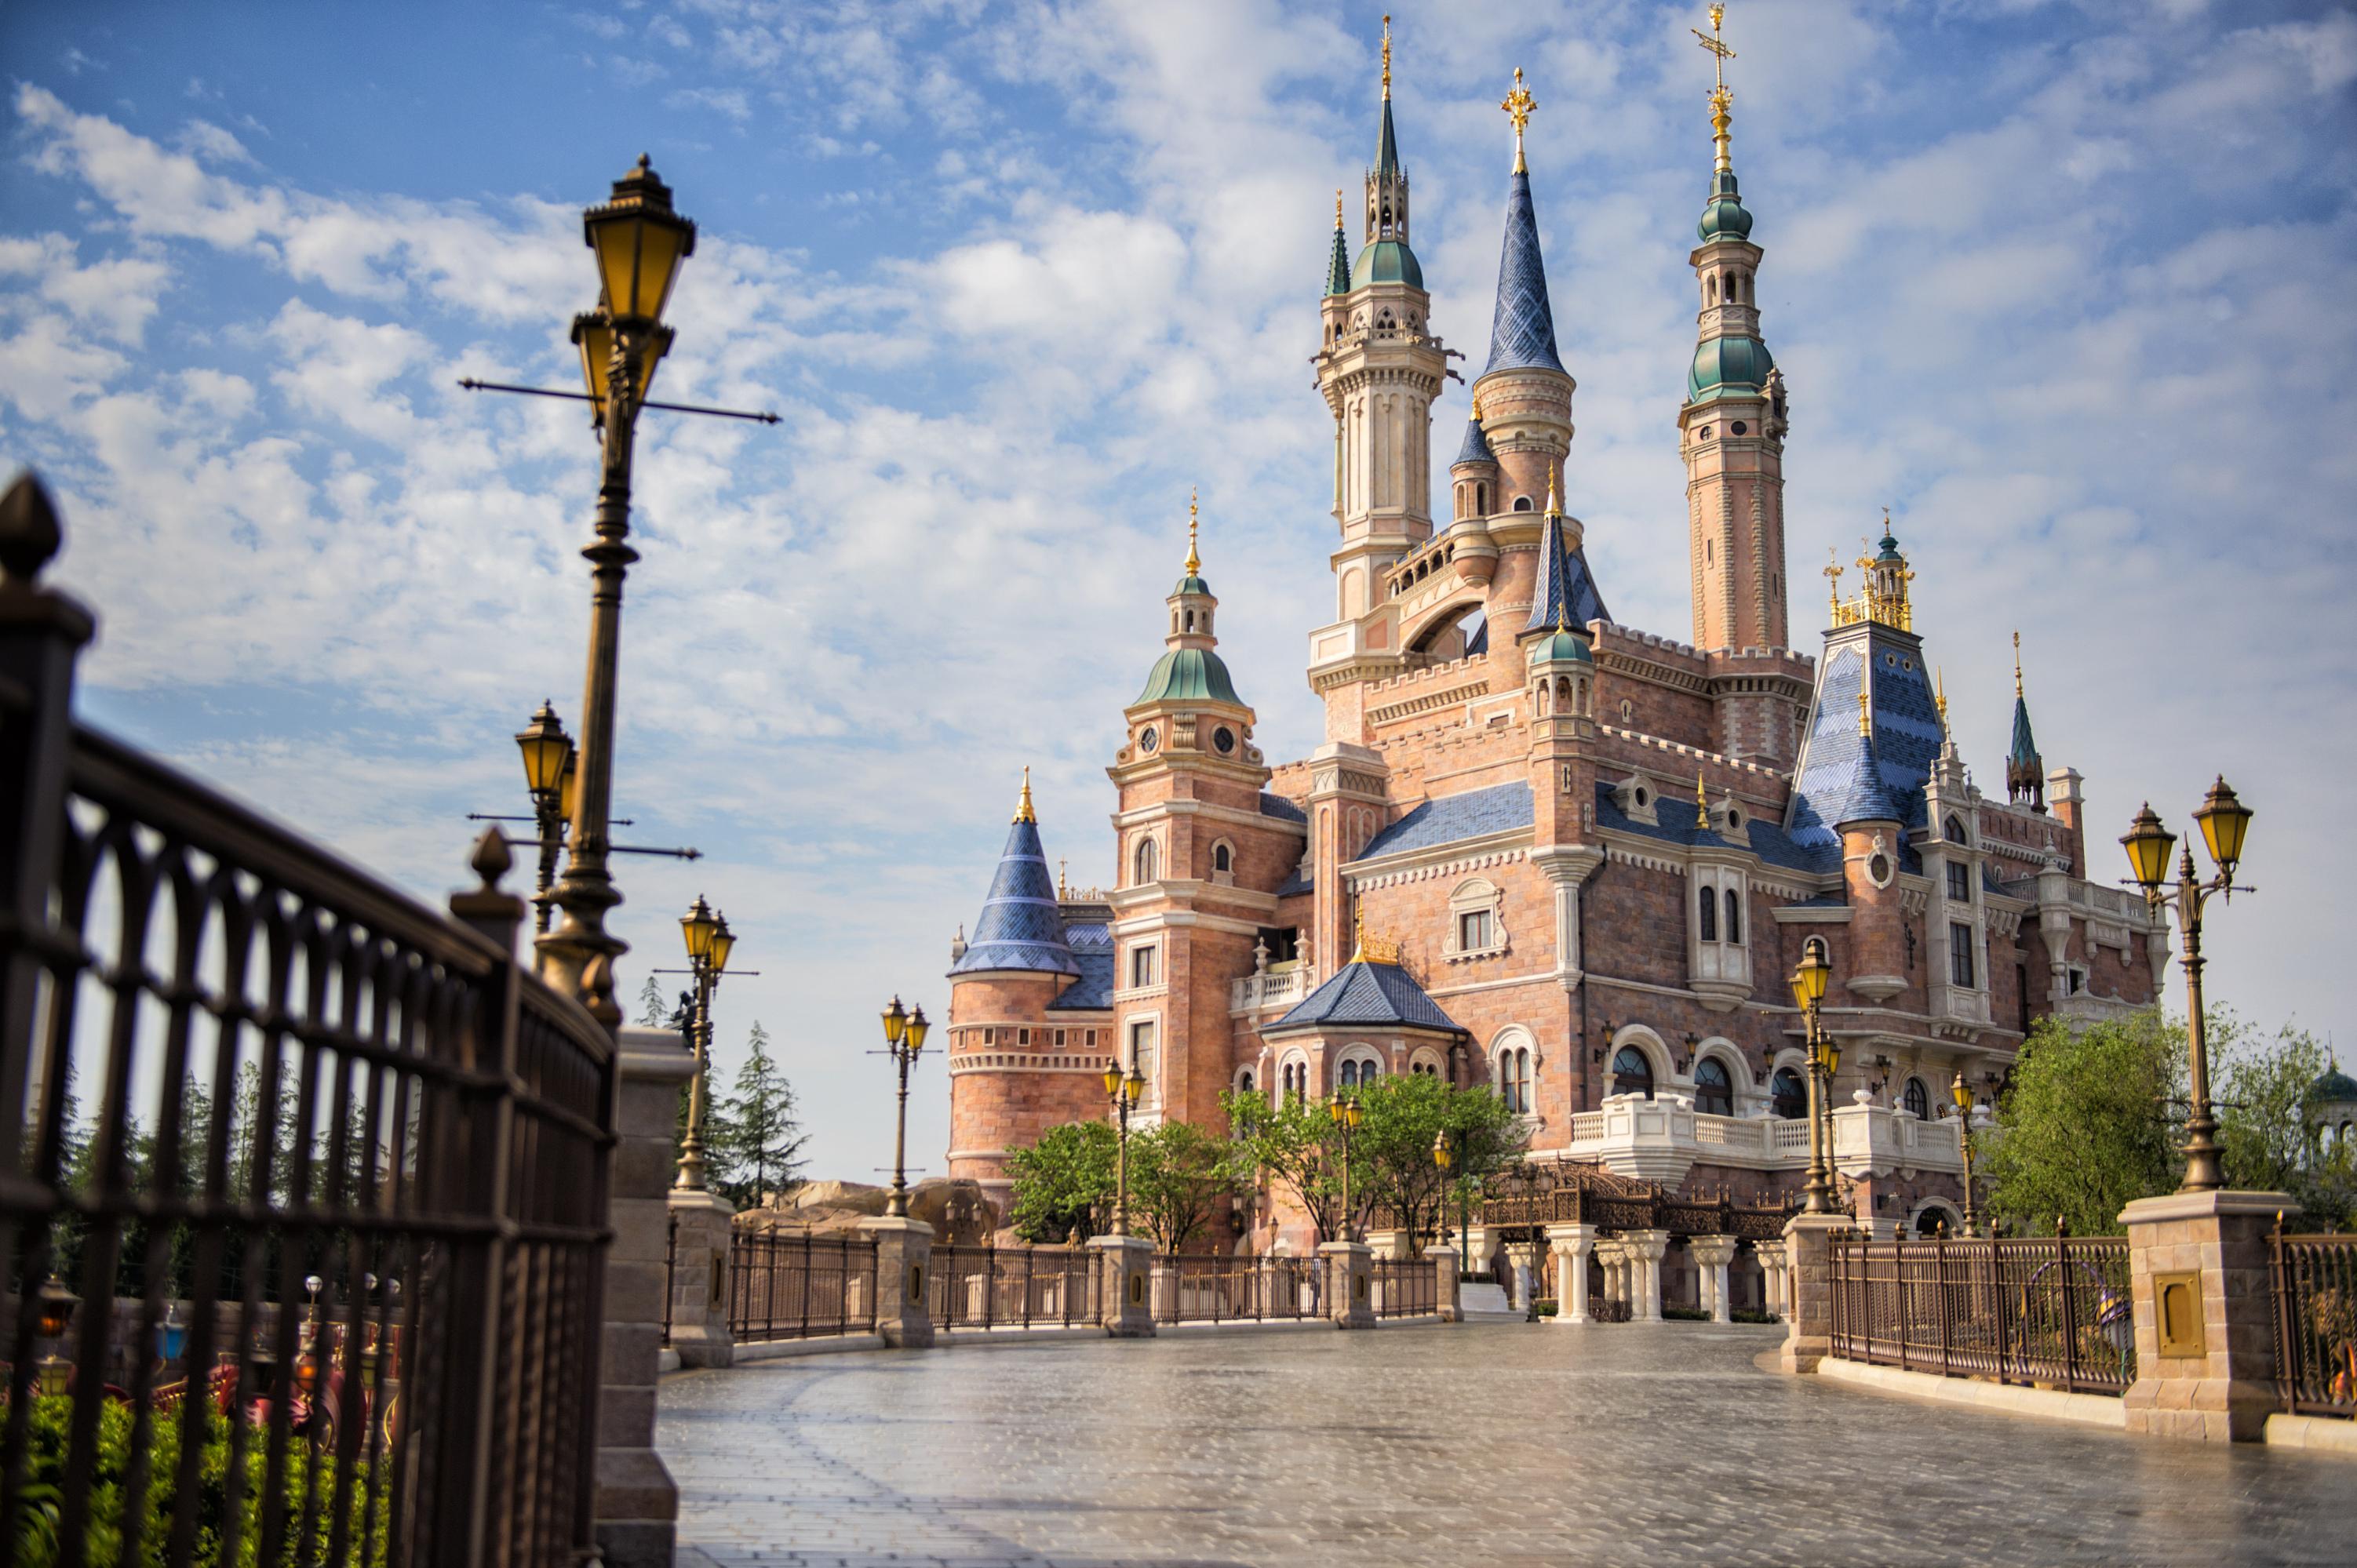 上海迪士尼、杭州、苏州、乌镇西栅巴士5日当地游[双导游服务,纯玩无购物]西湖游船,嗨玩迪士尼,享特色餐,接送无忧